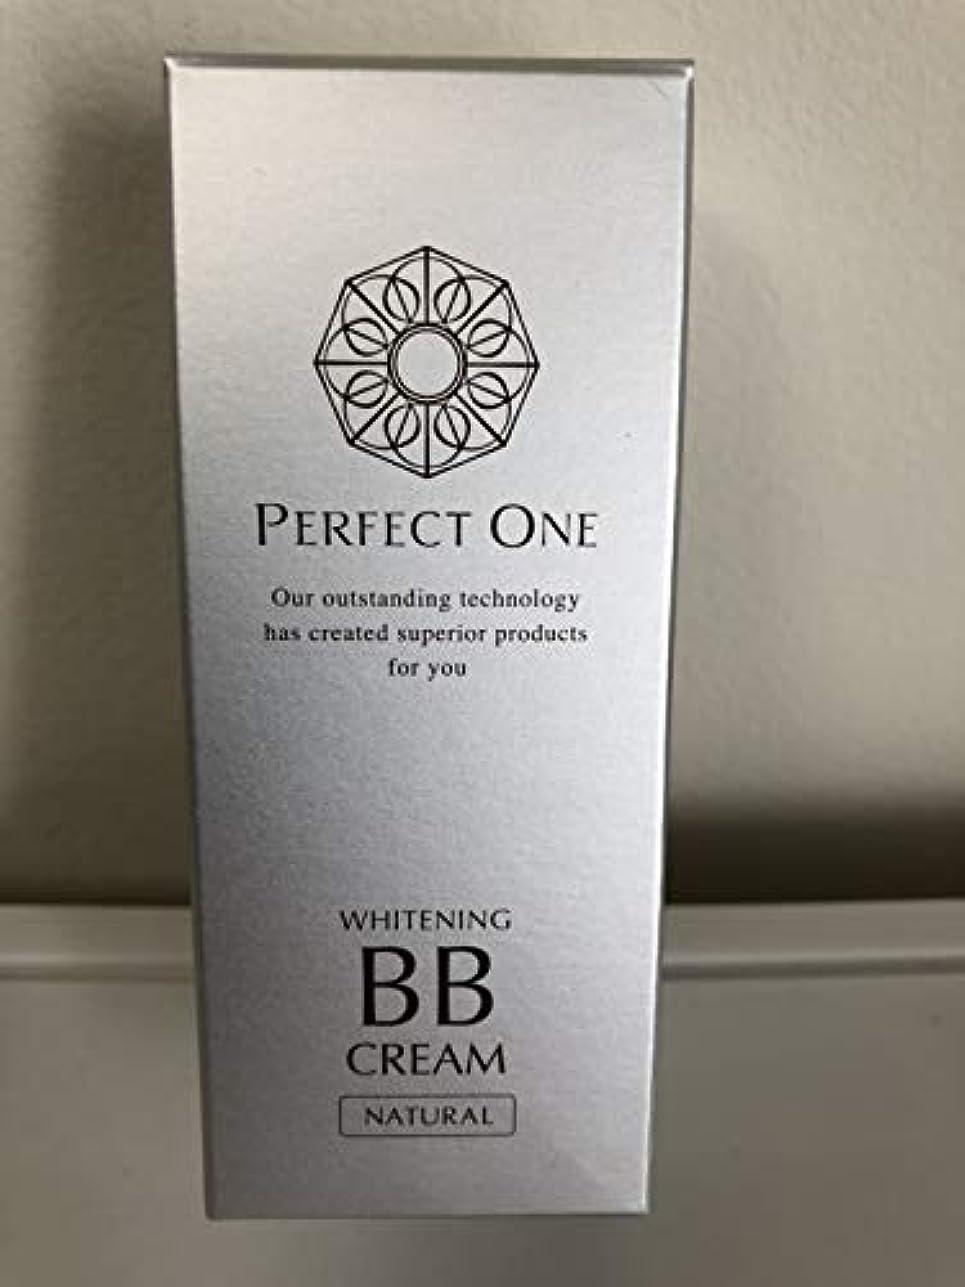 観察するキッチン消毒する新日本製薬 パーフェクトワン 薬用ホワイトニングBBクリーム ナチュラル 25g